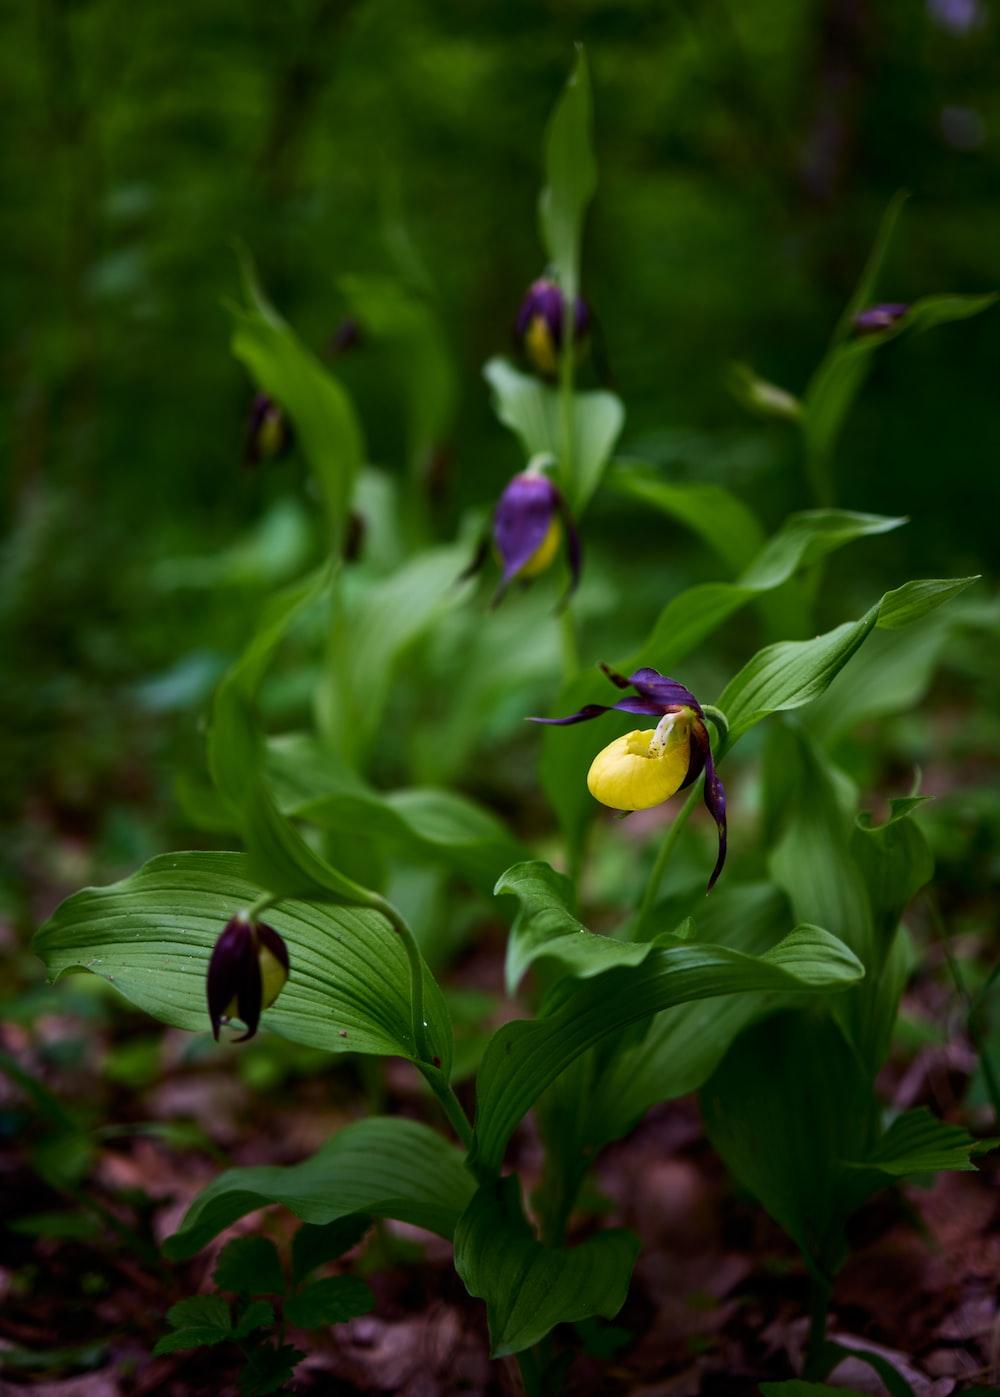 yellow and purple flower bud in tilt shift lens